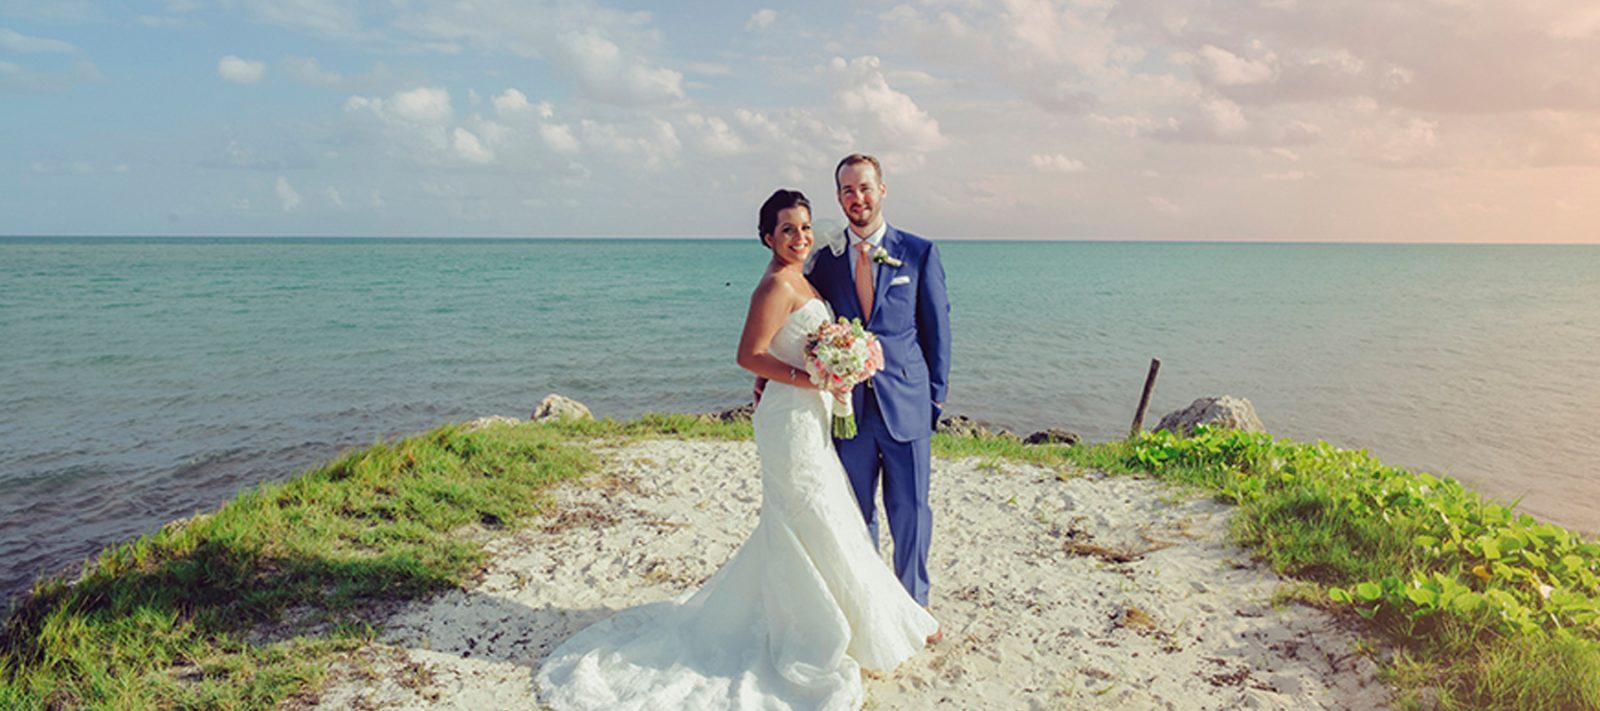 ¿Cómo escoger la fecha de tu boda en la playa?